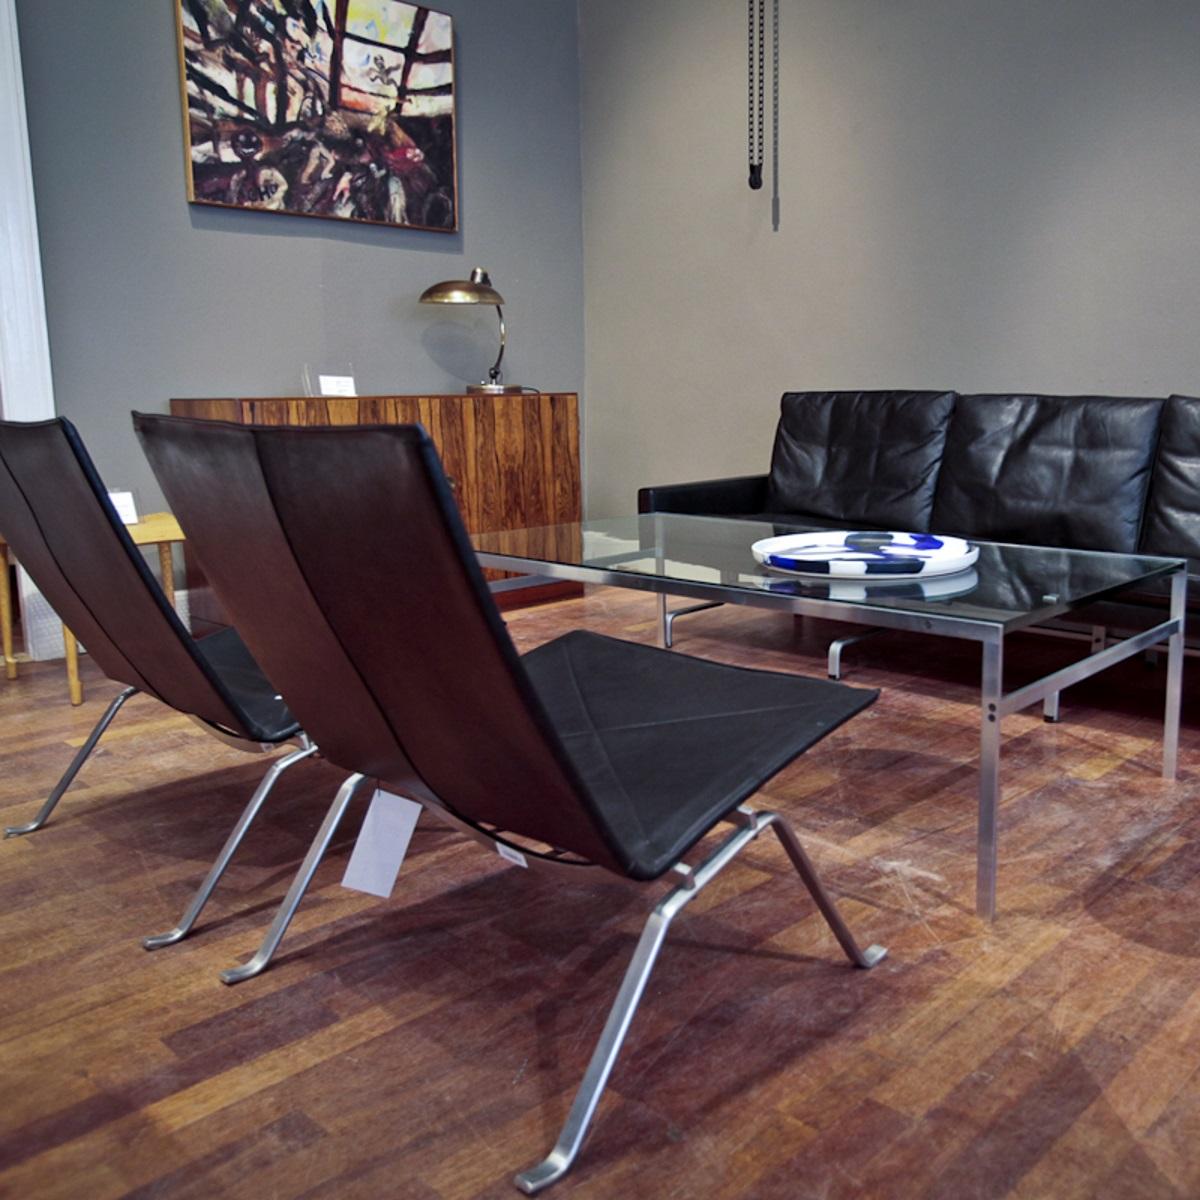 Klassik_Moderne Möbelkunst_Geschäft für Designklassiker in Kopenhagen_3